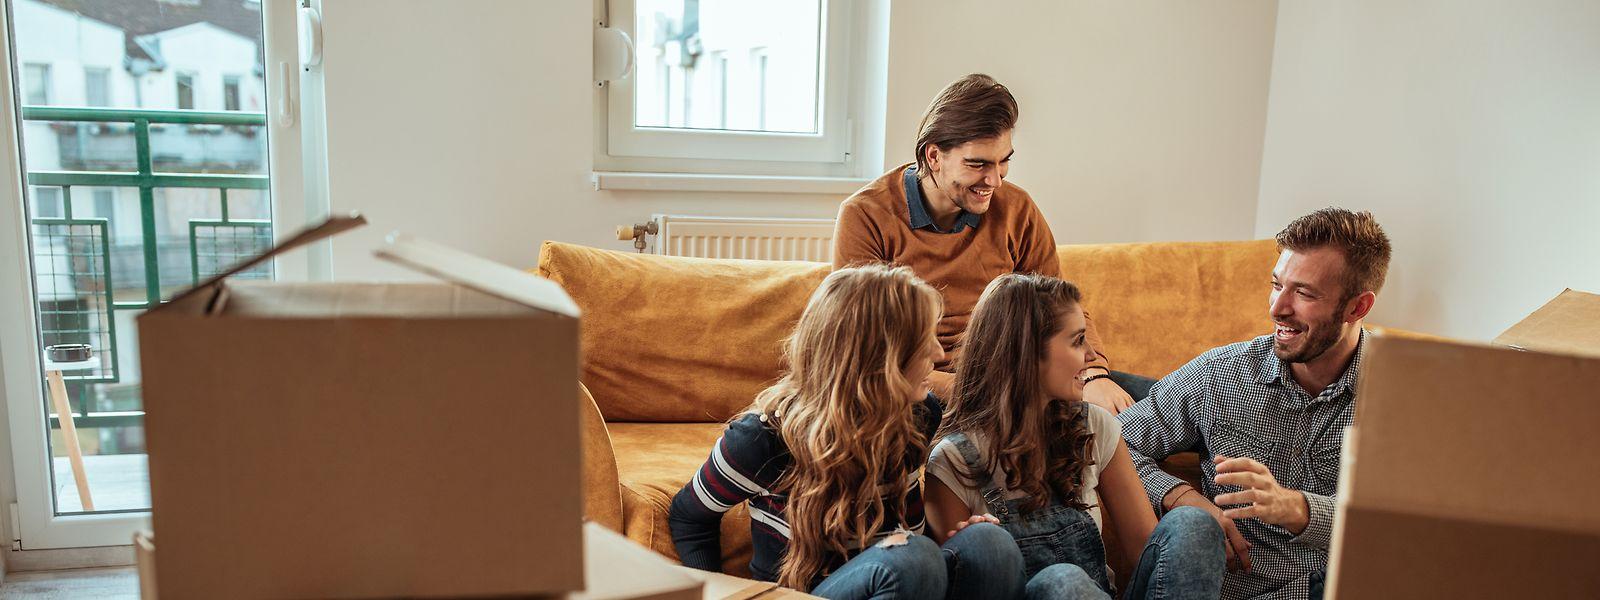 Dans le contexte de pression immobilière, la colocation apparaît comme une solution idéale pour de nombreux jeunes.